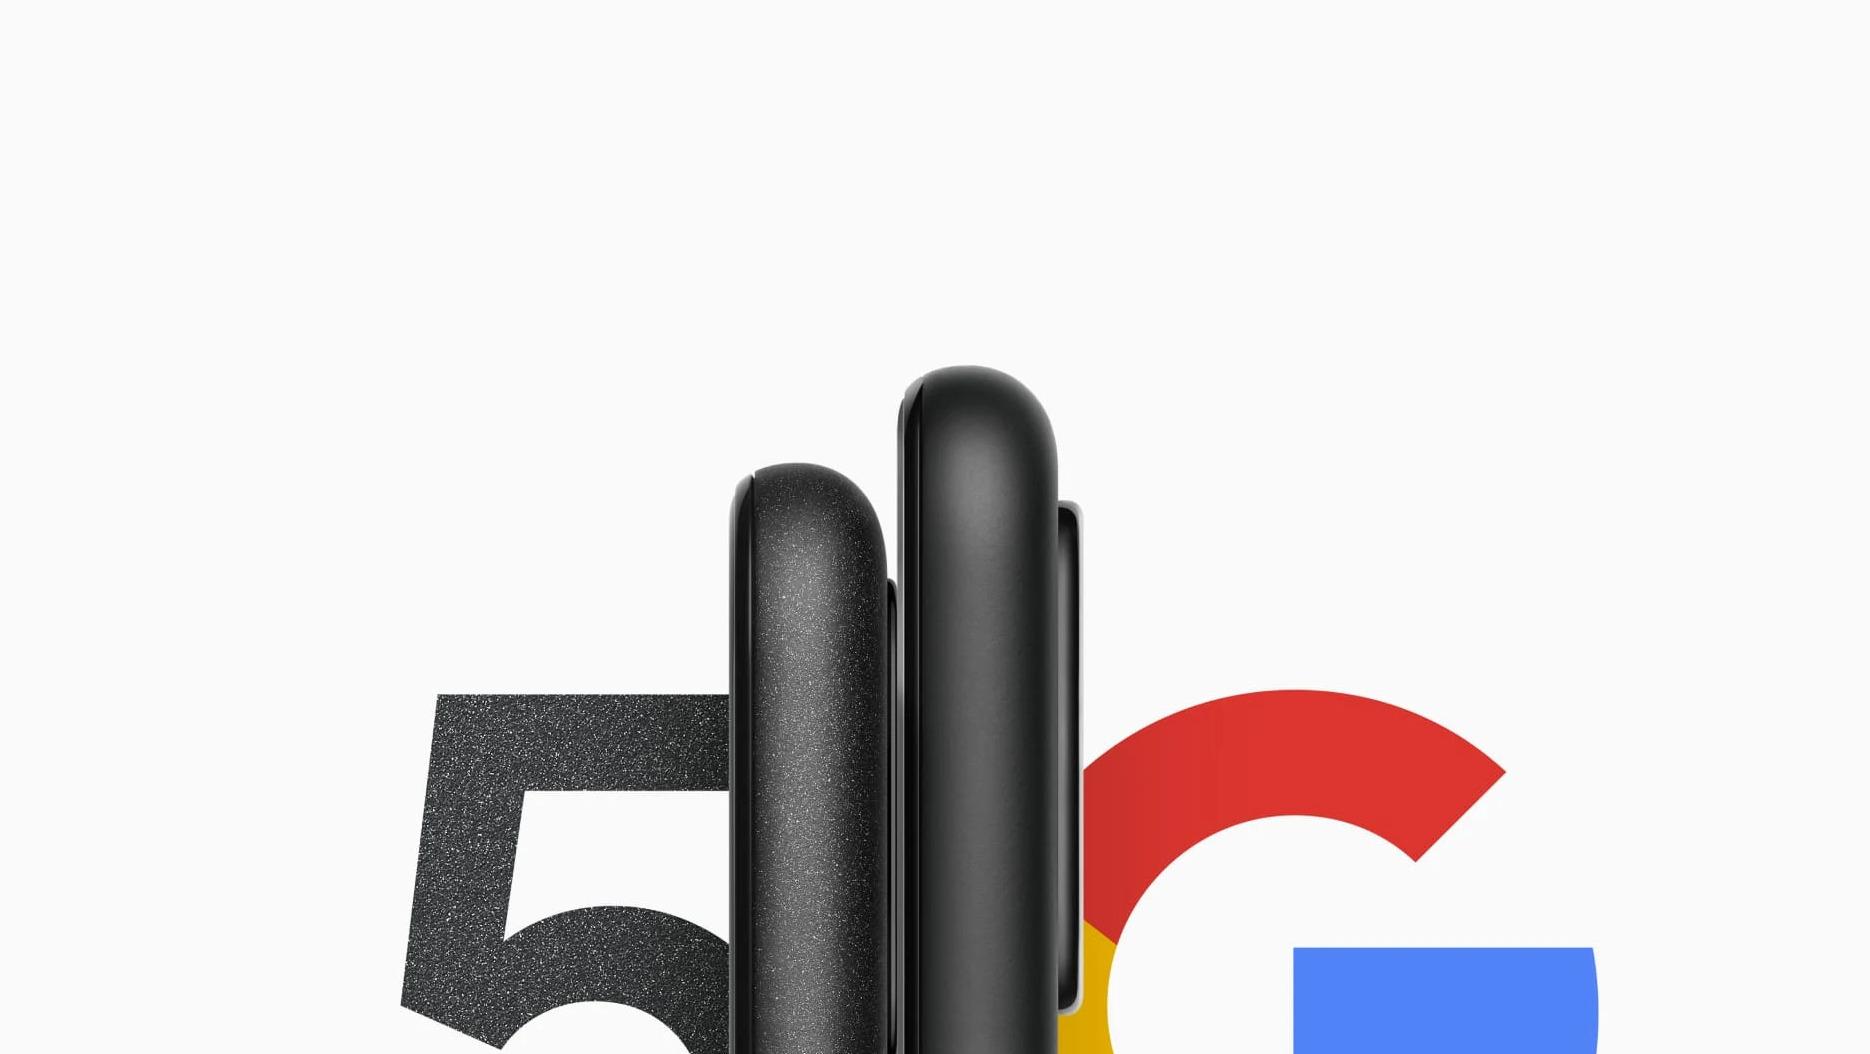 PIxel 4a 5G a Pixel 5 se představí 8. října, cena bude atraktivní